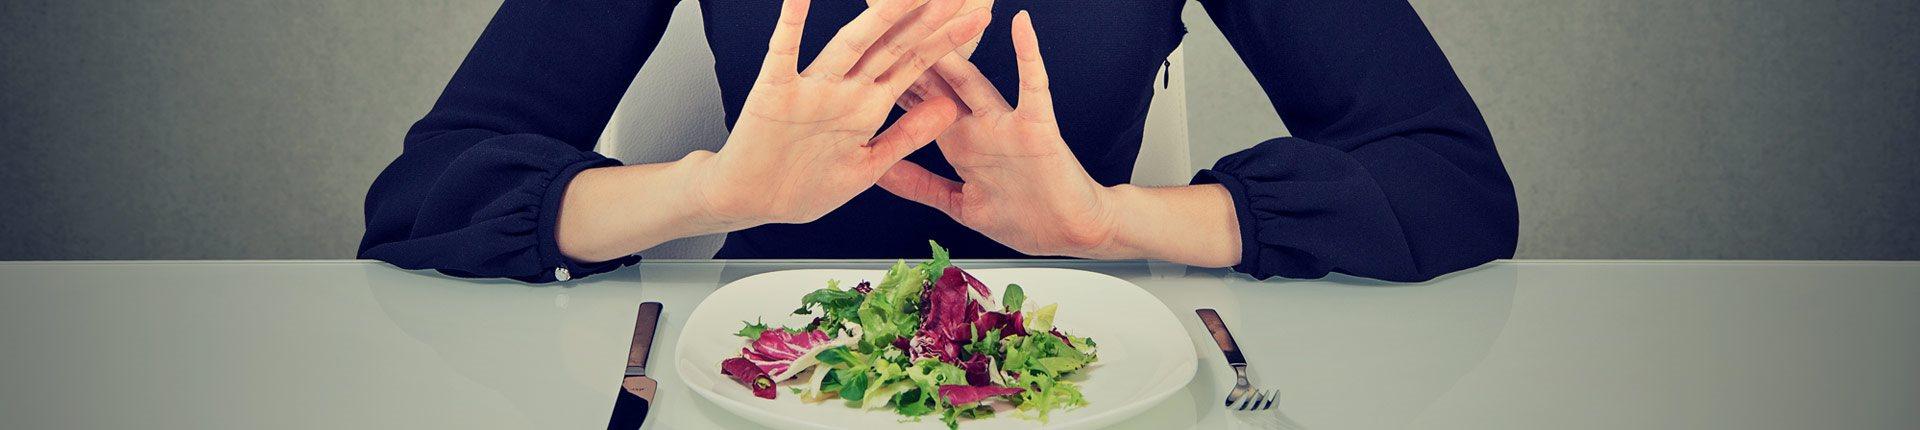 """Dlaczego weganizm wywołuje agresję i niechęć """"wszystkożerców""""?"""